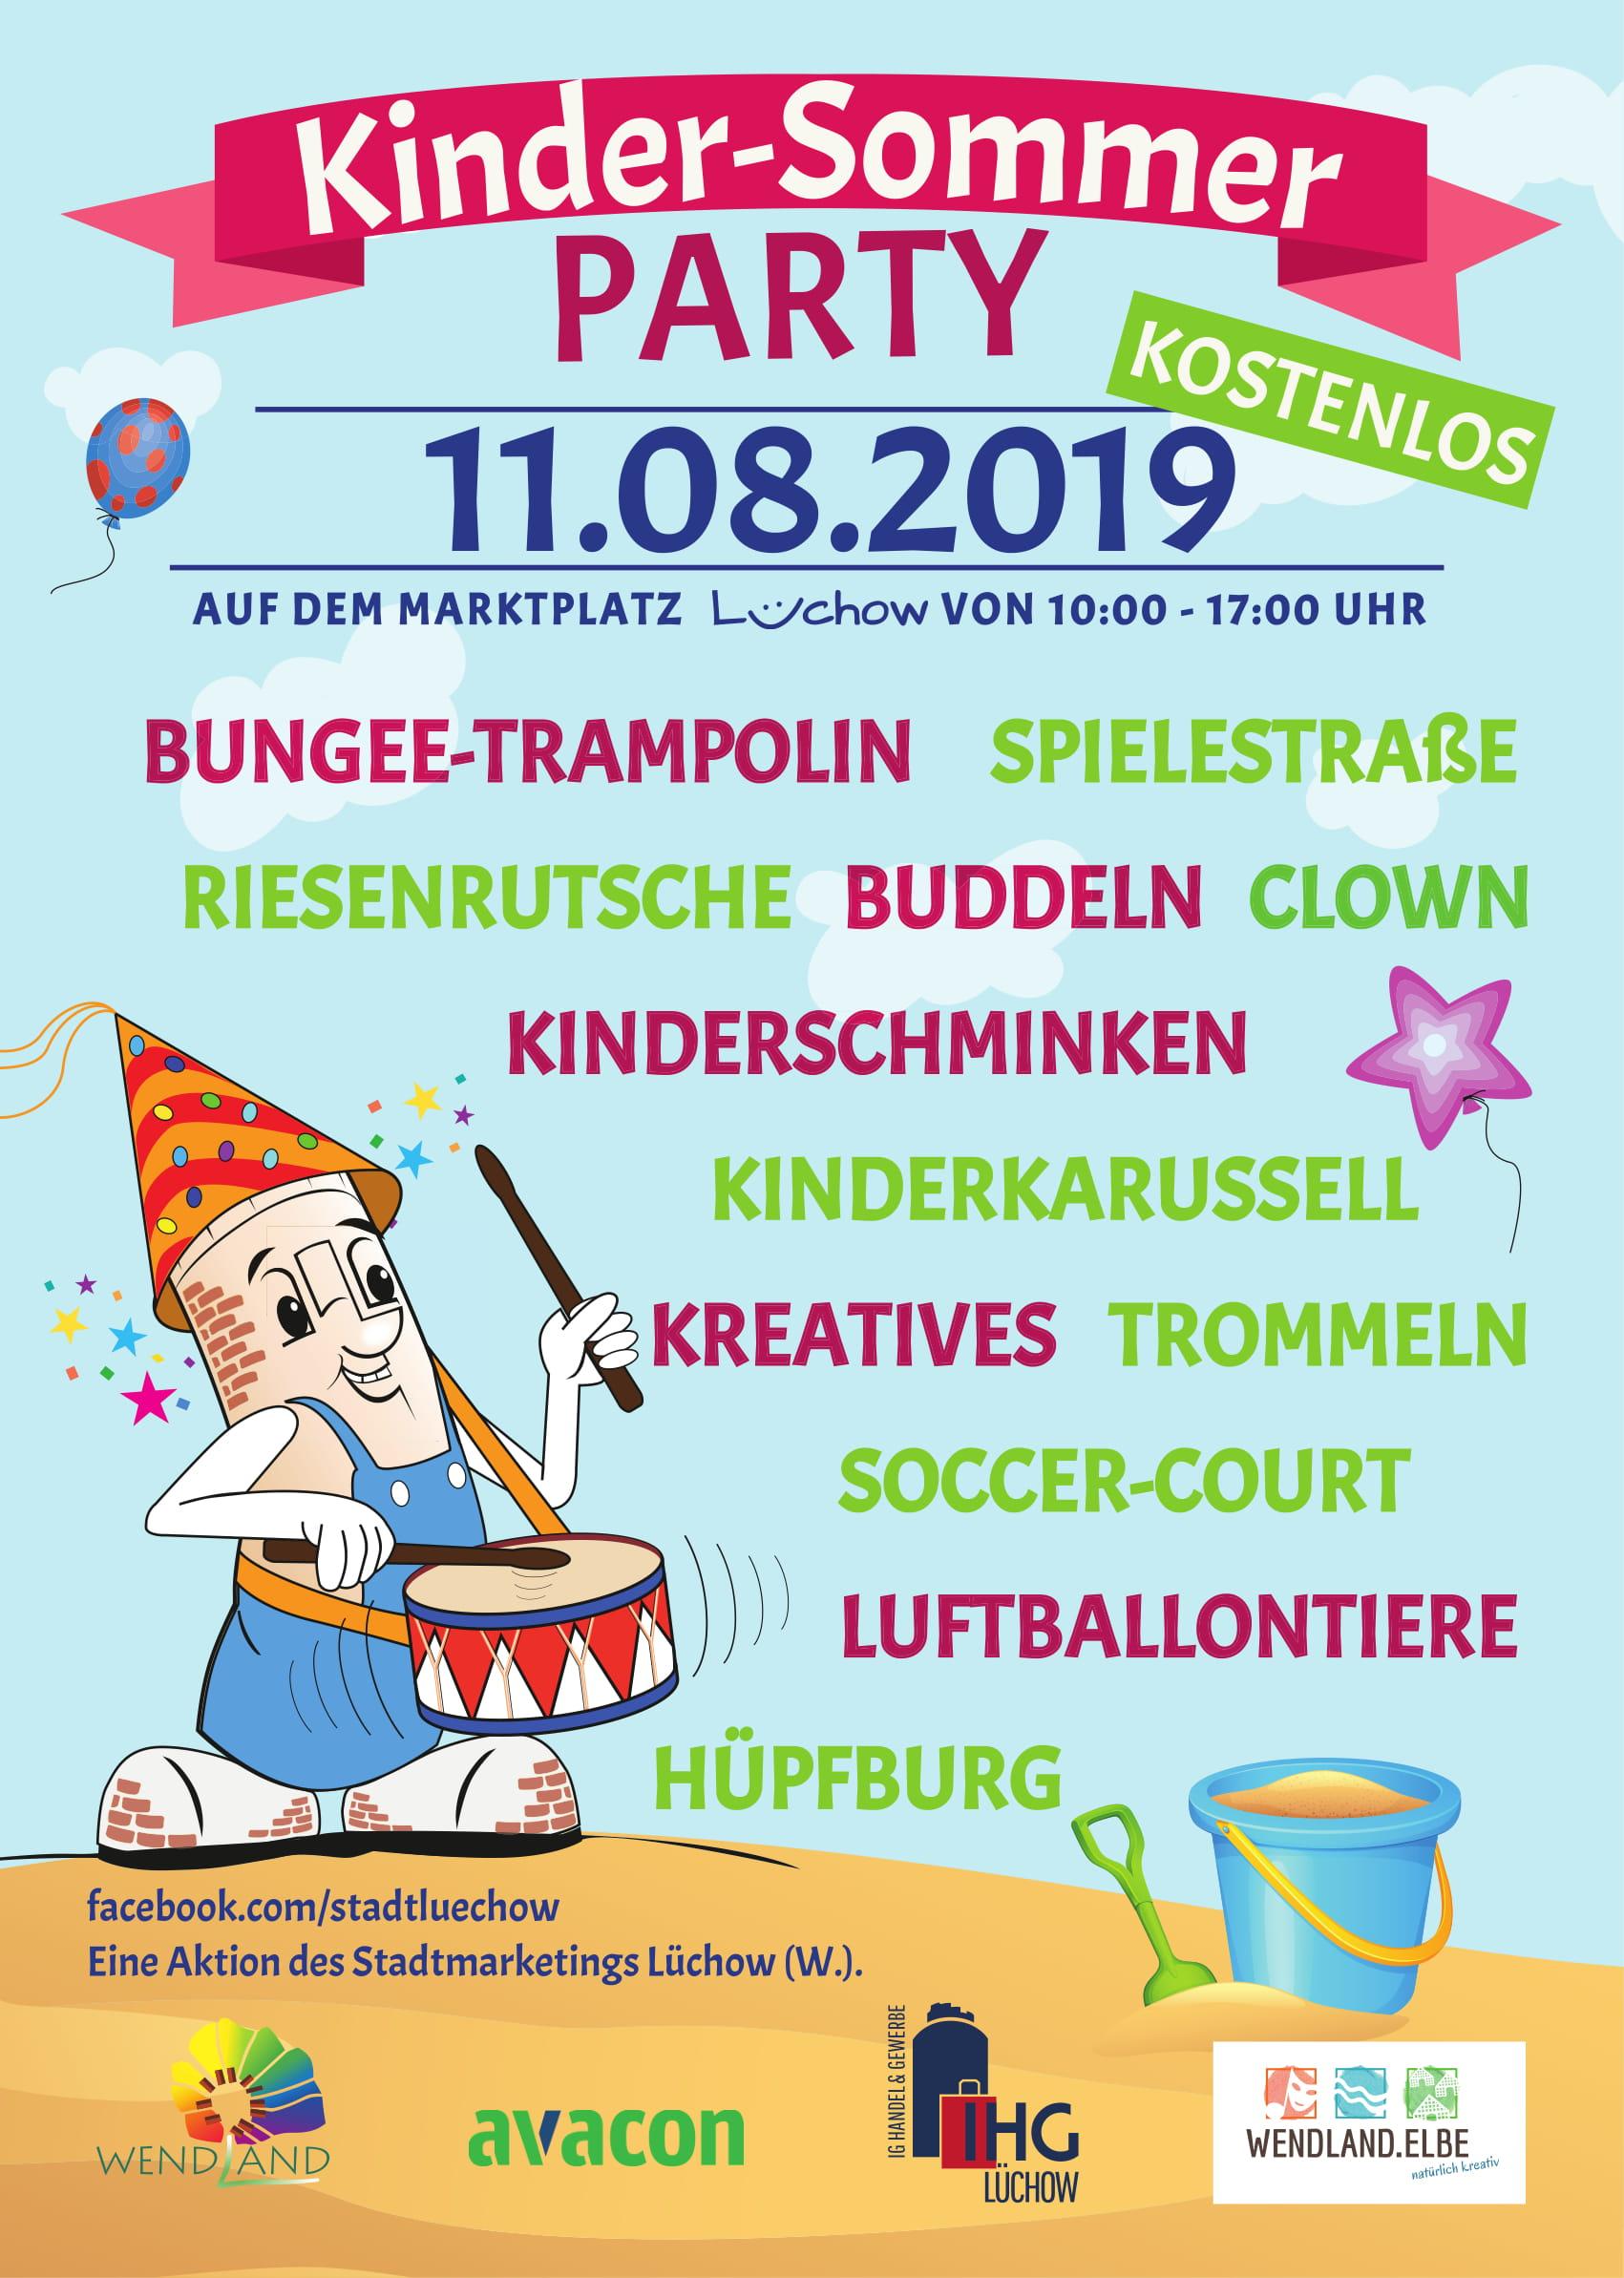 Kinder-Sommer PARTY